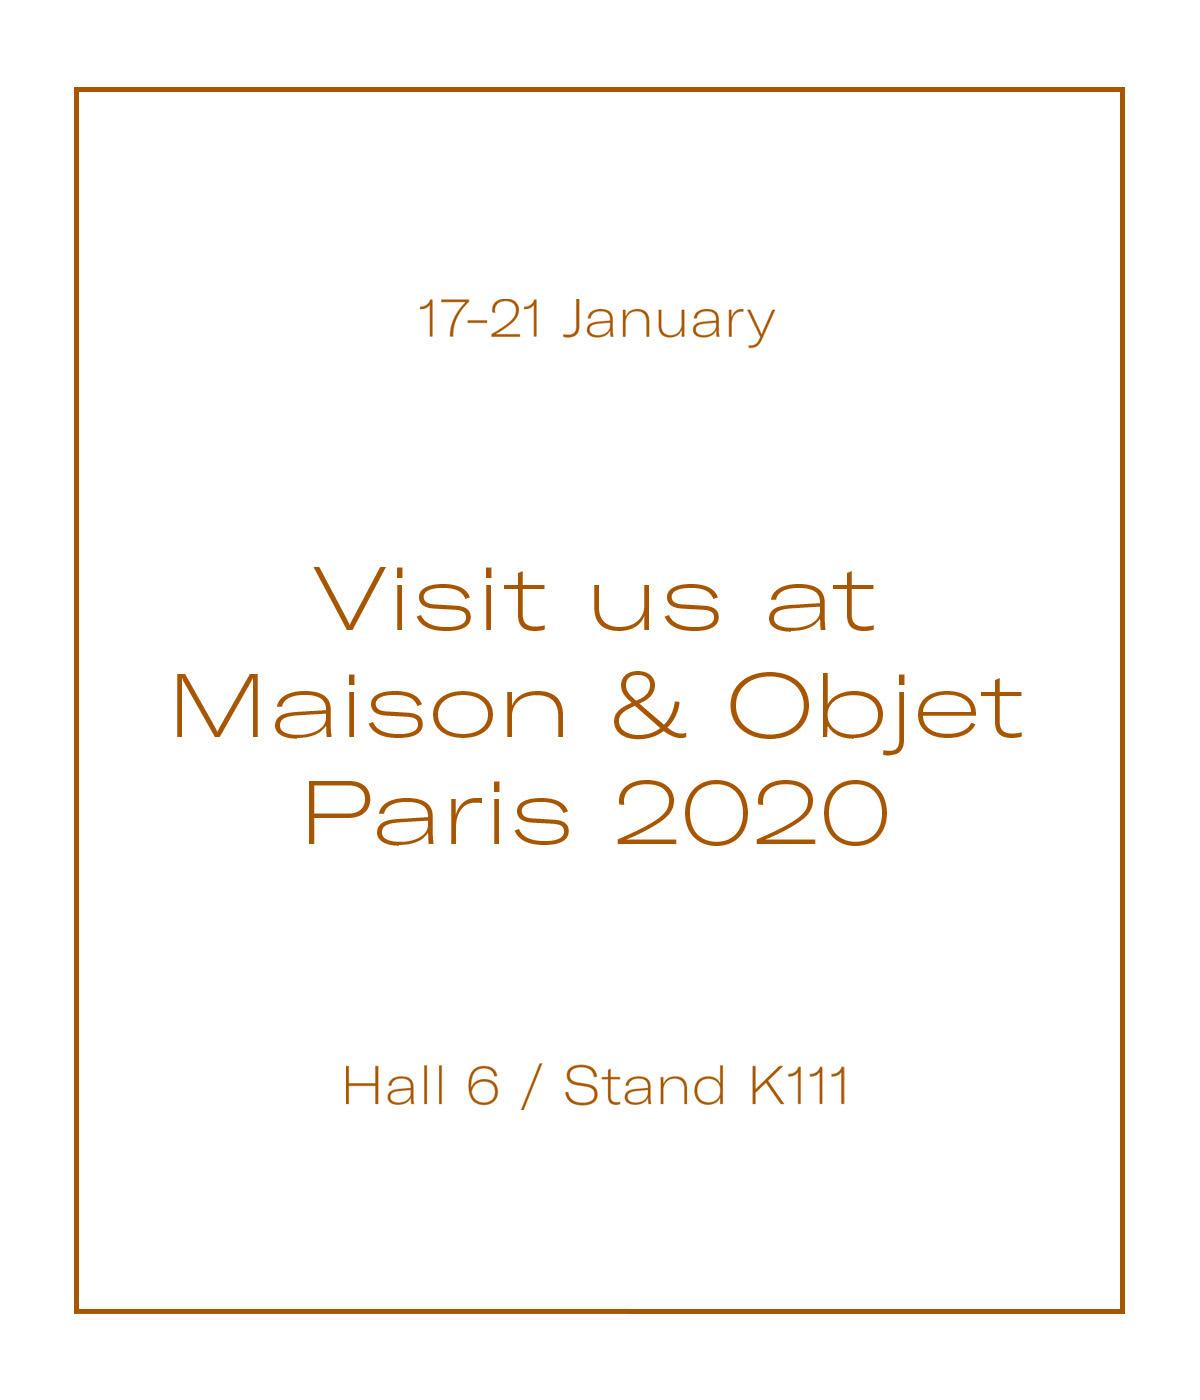 Vergés - Ven a visitarnos en Maison & Objet